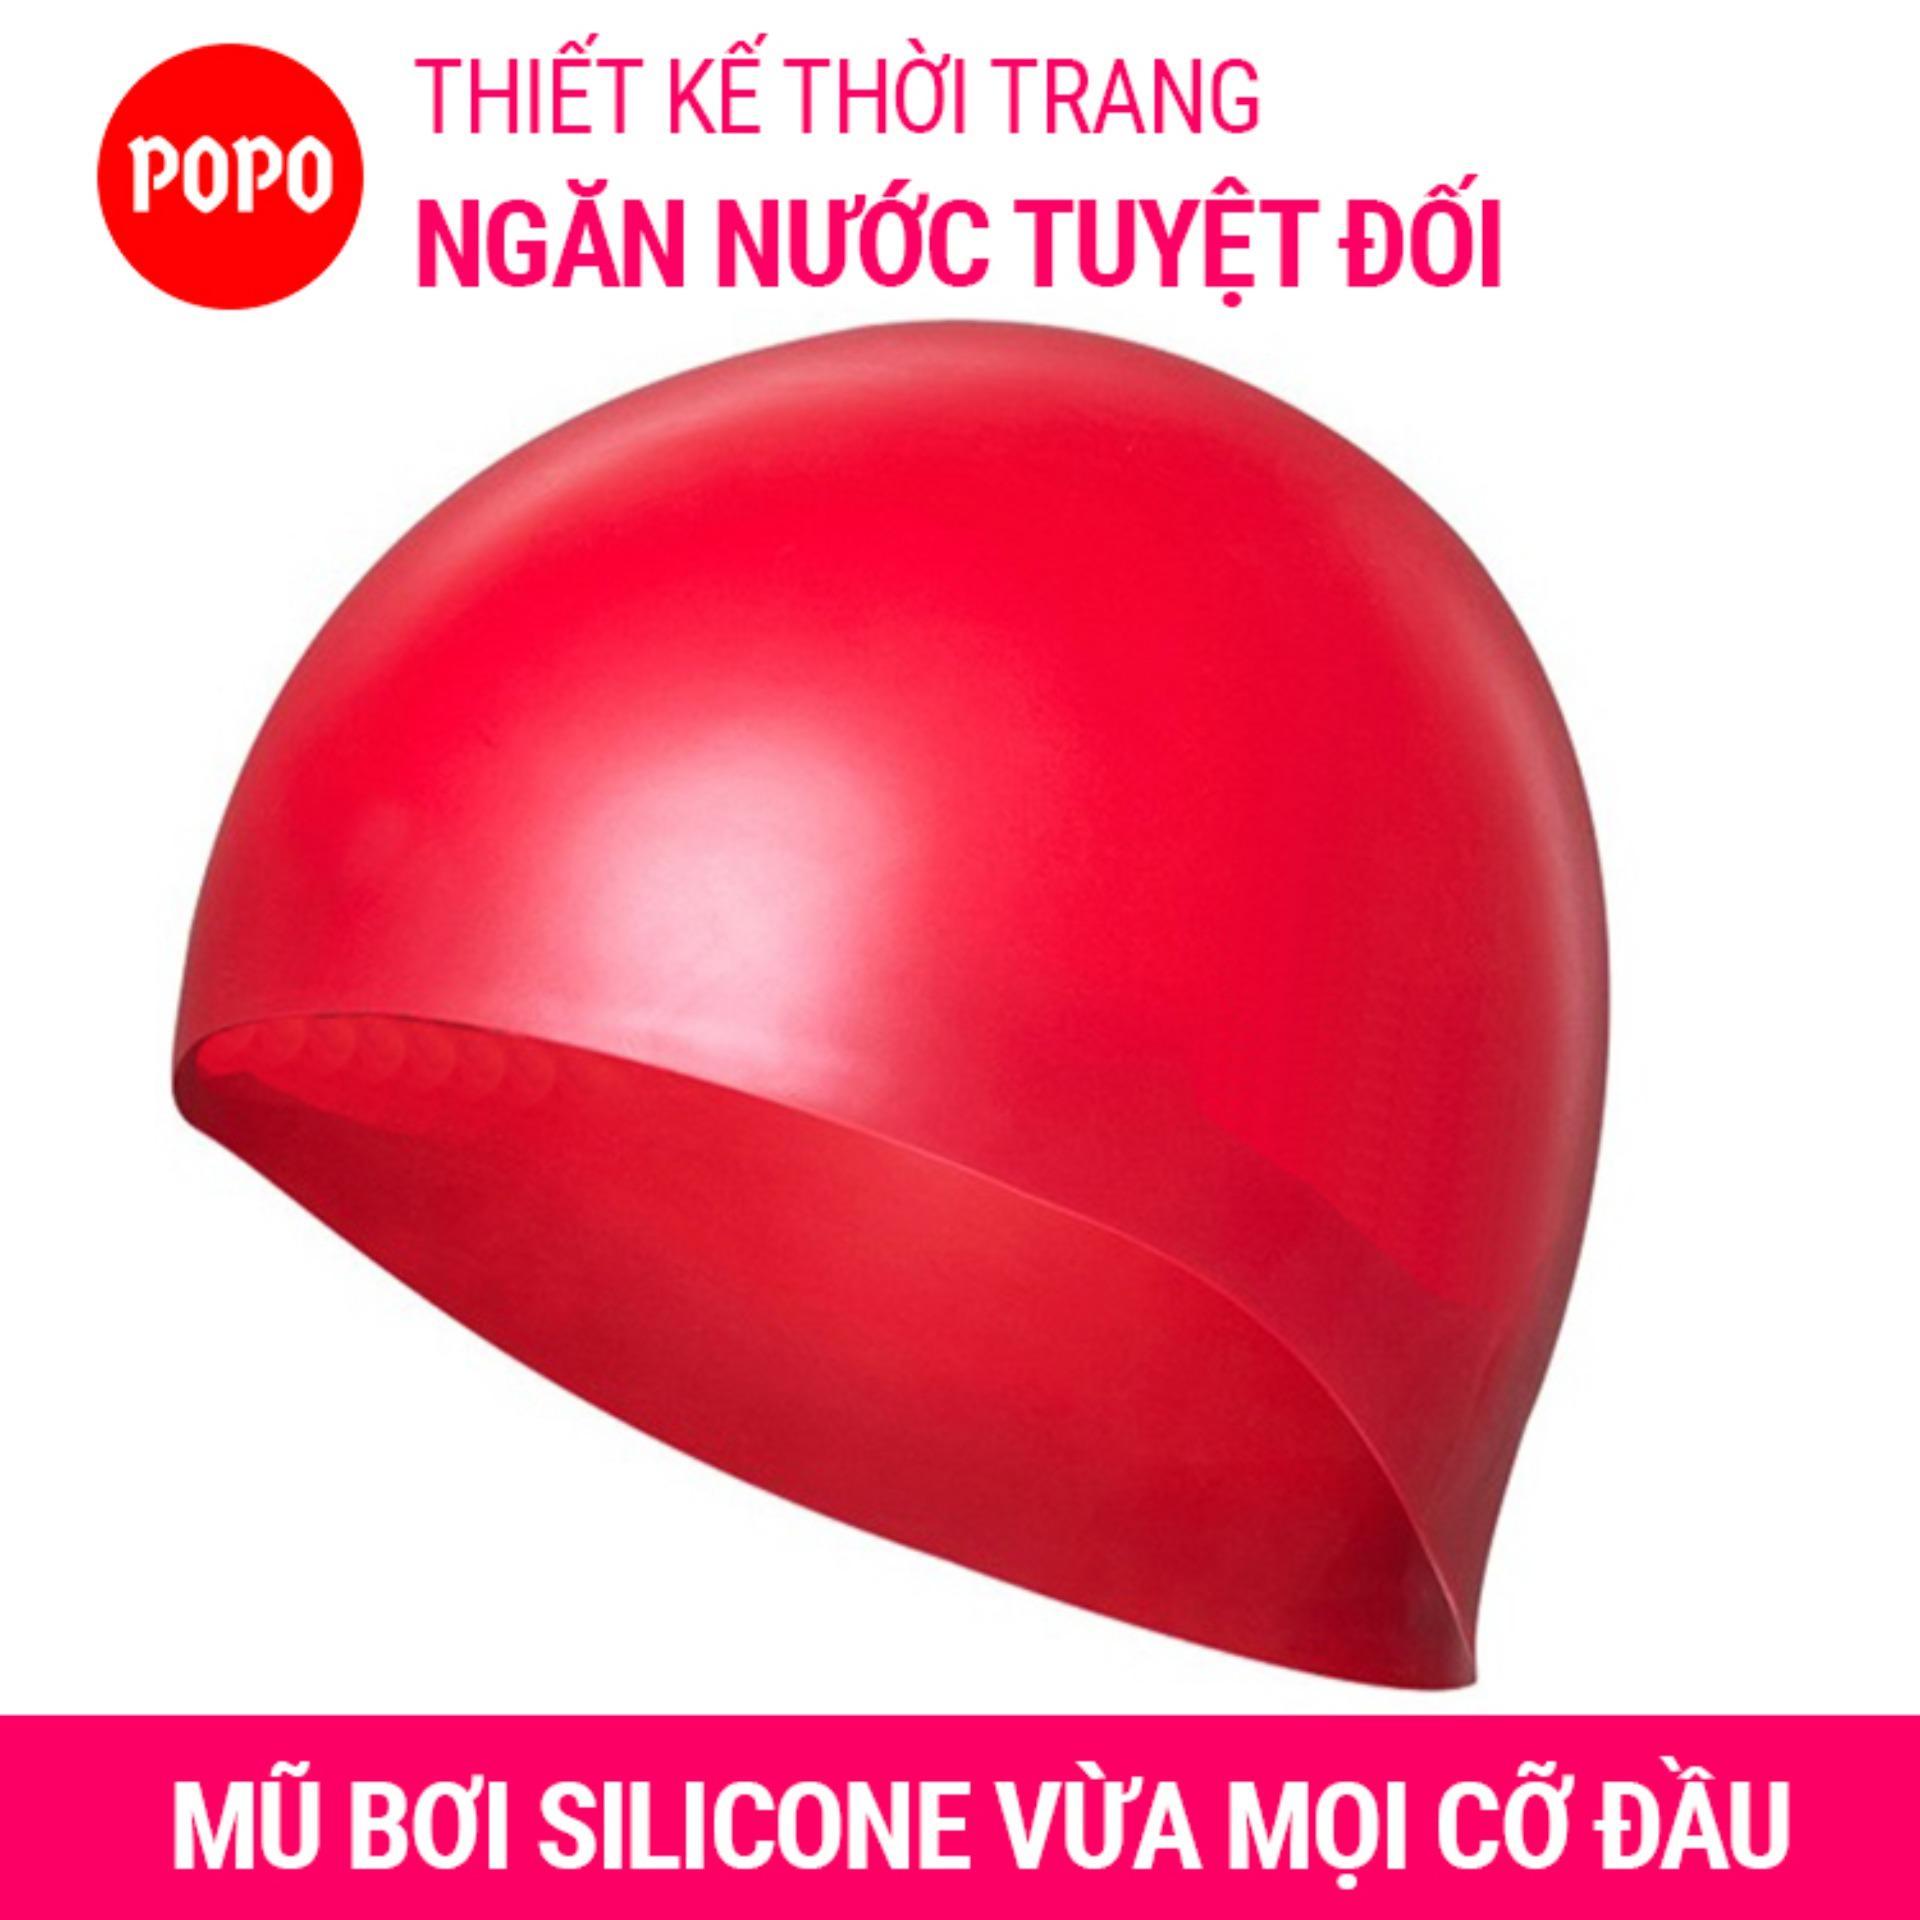 Nón bơi mũ bơi trơn silicone chống thống nước cao cấp CA31 POPO Collection 13